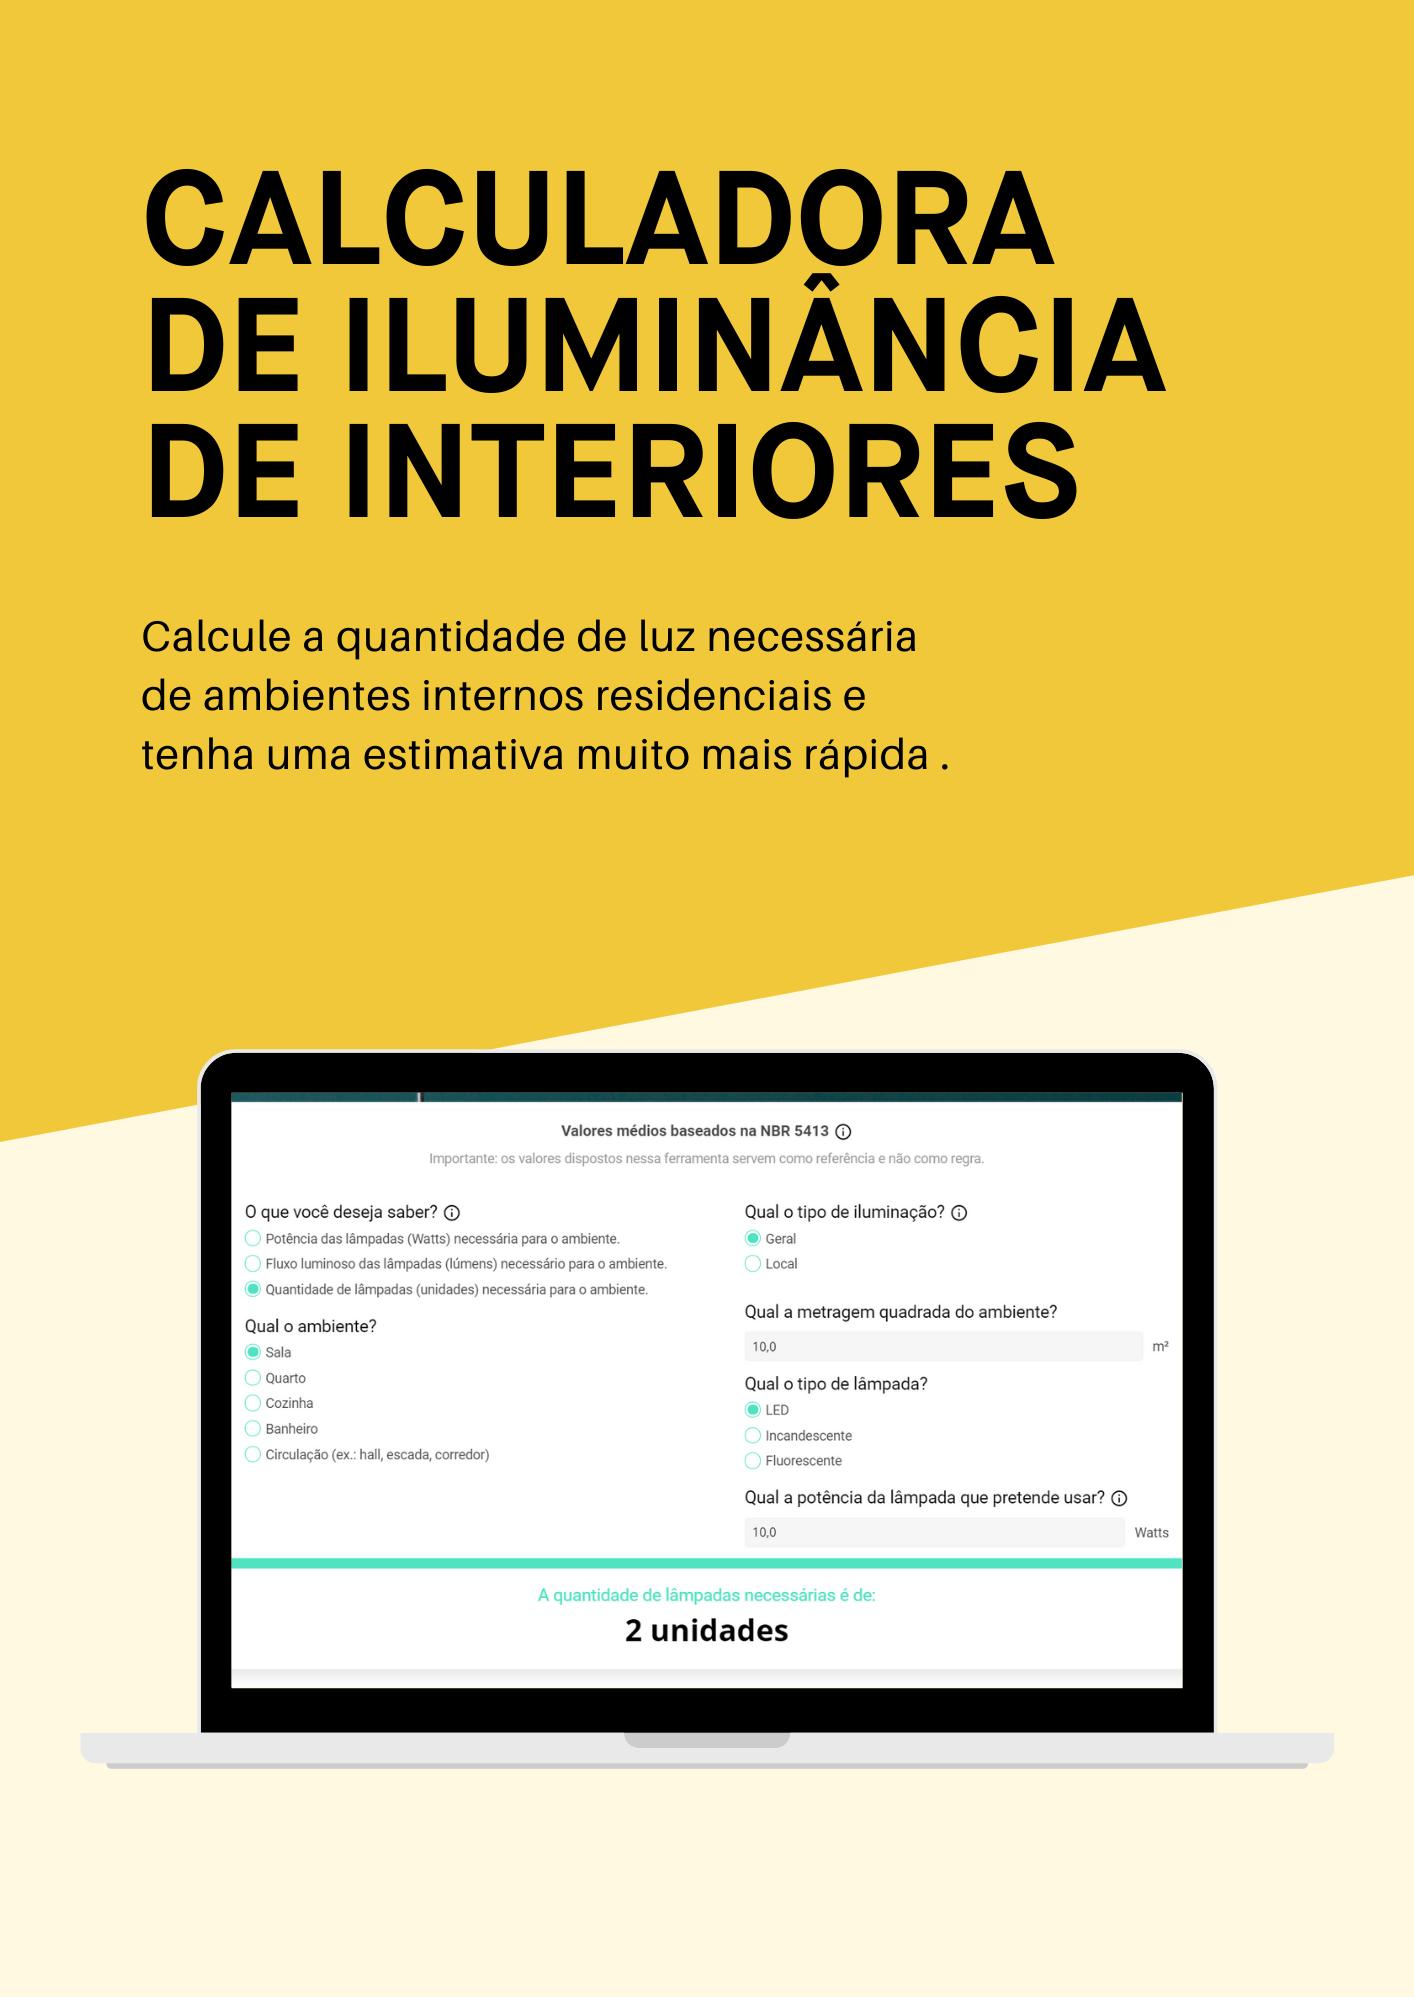 Calculadora de iluminância de interiores